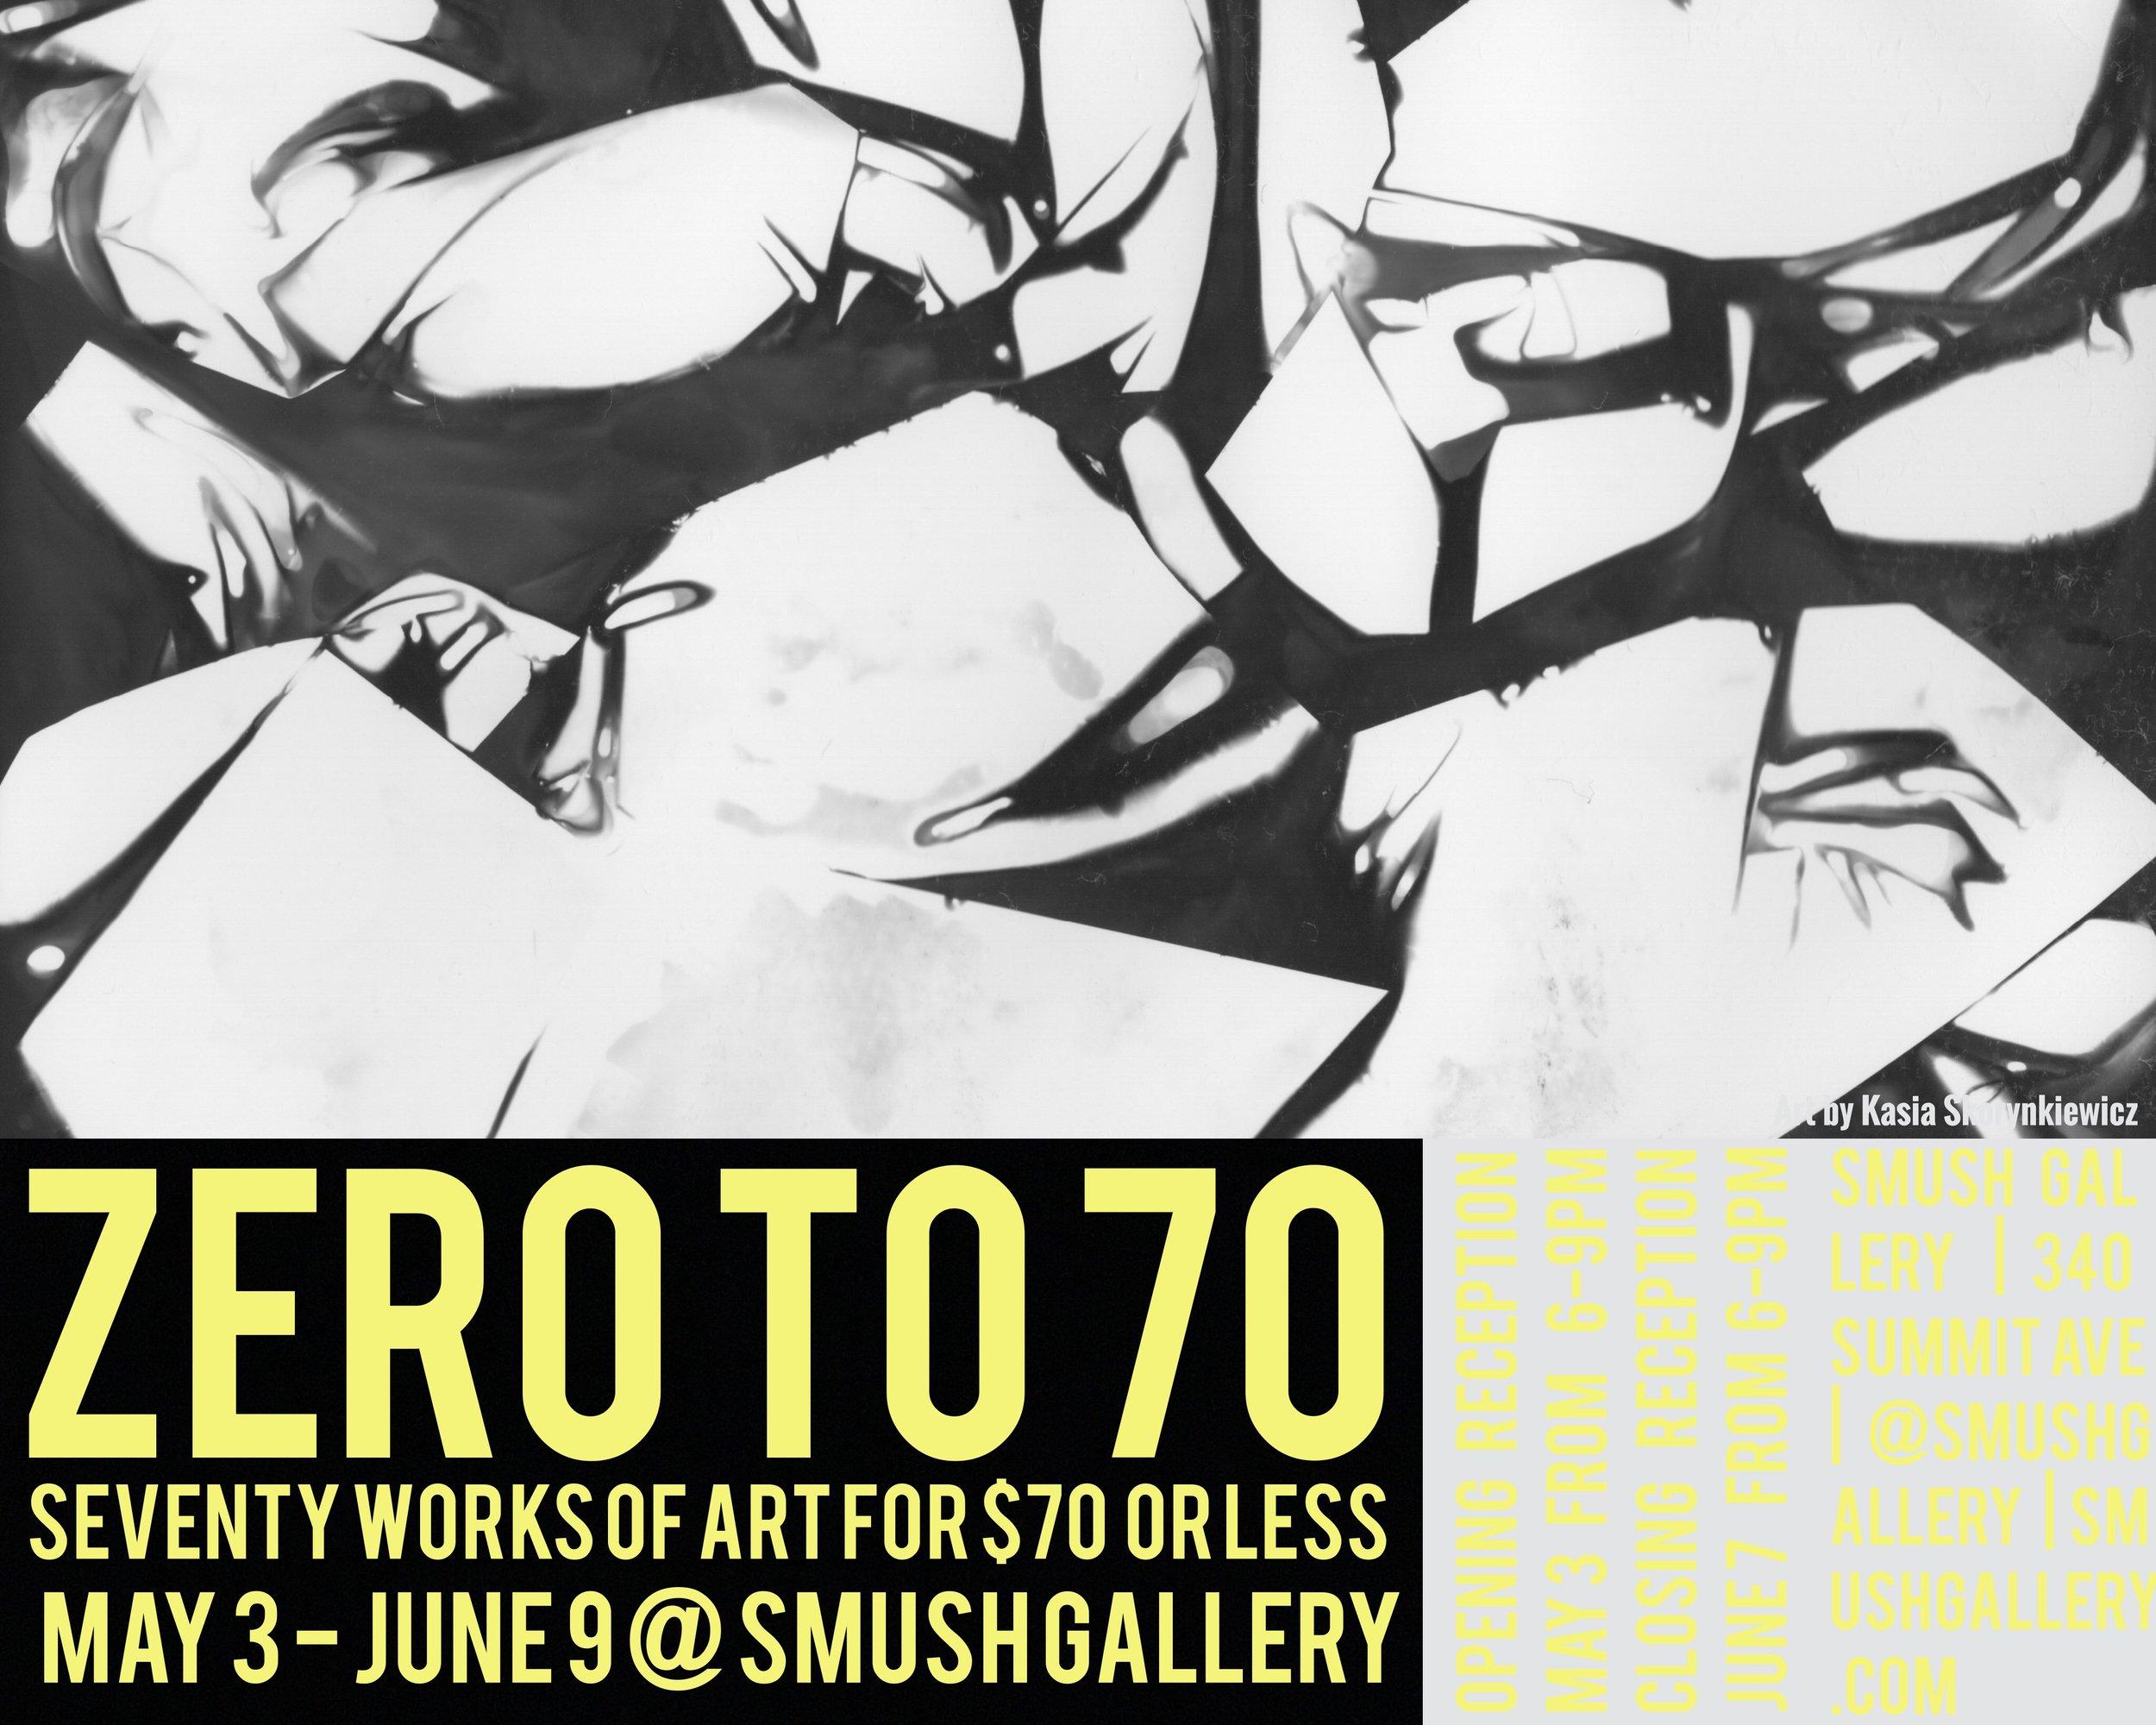 Zero to 70 Flier.JPG